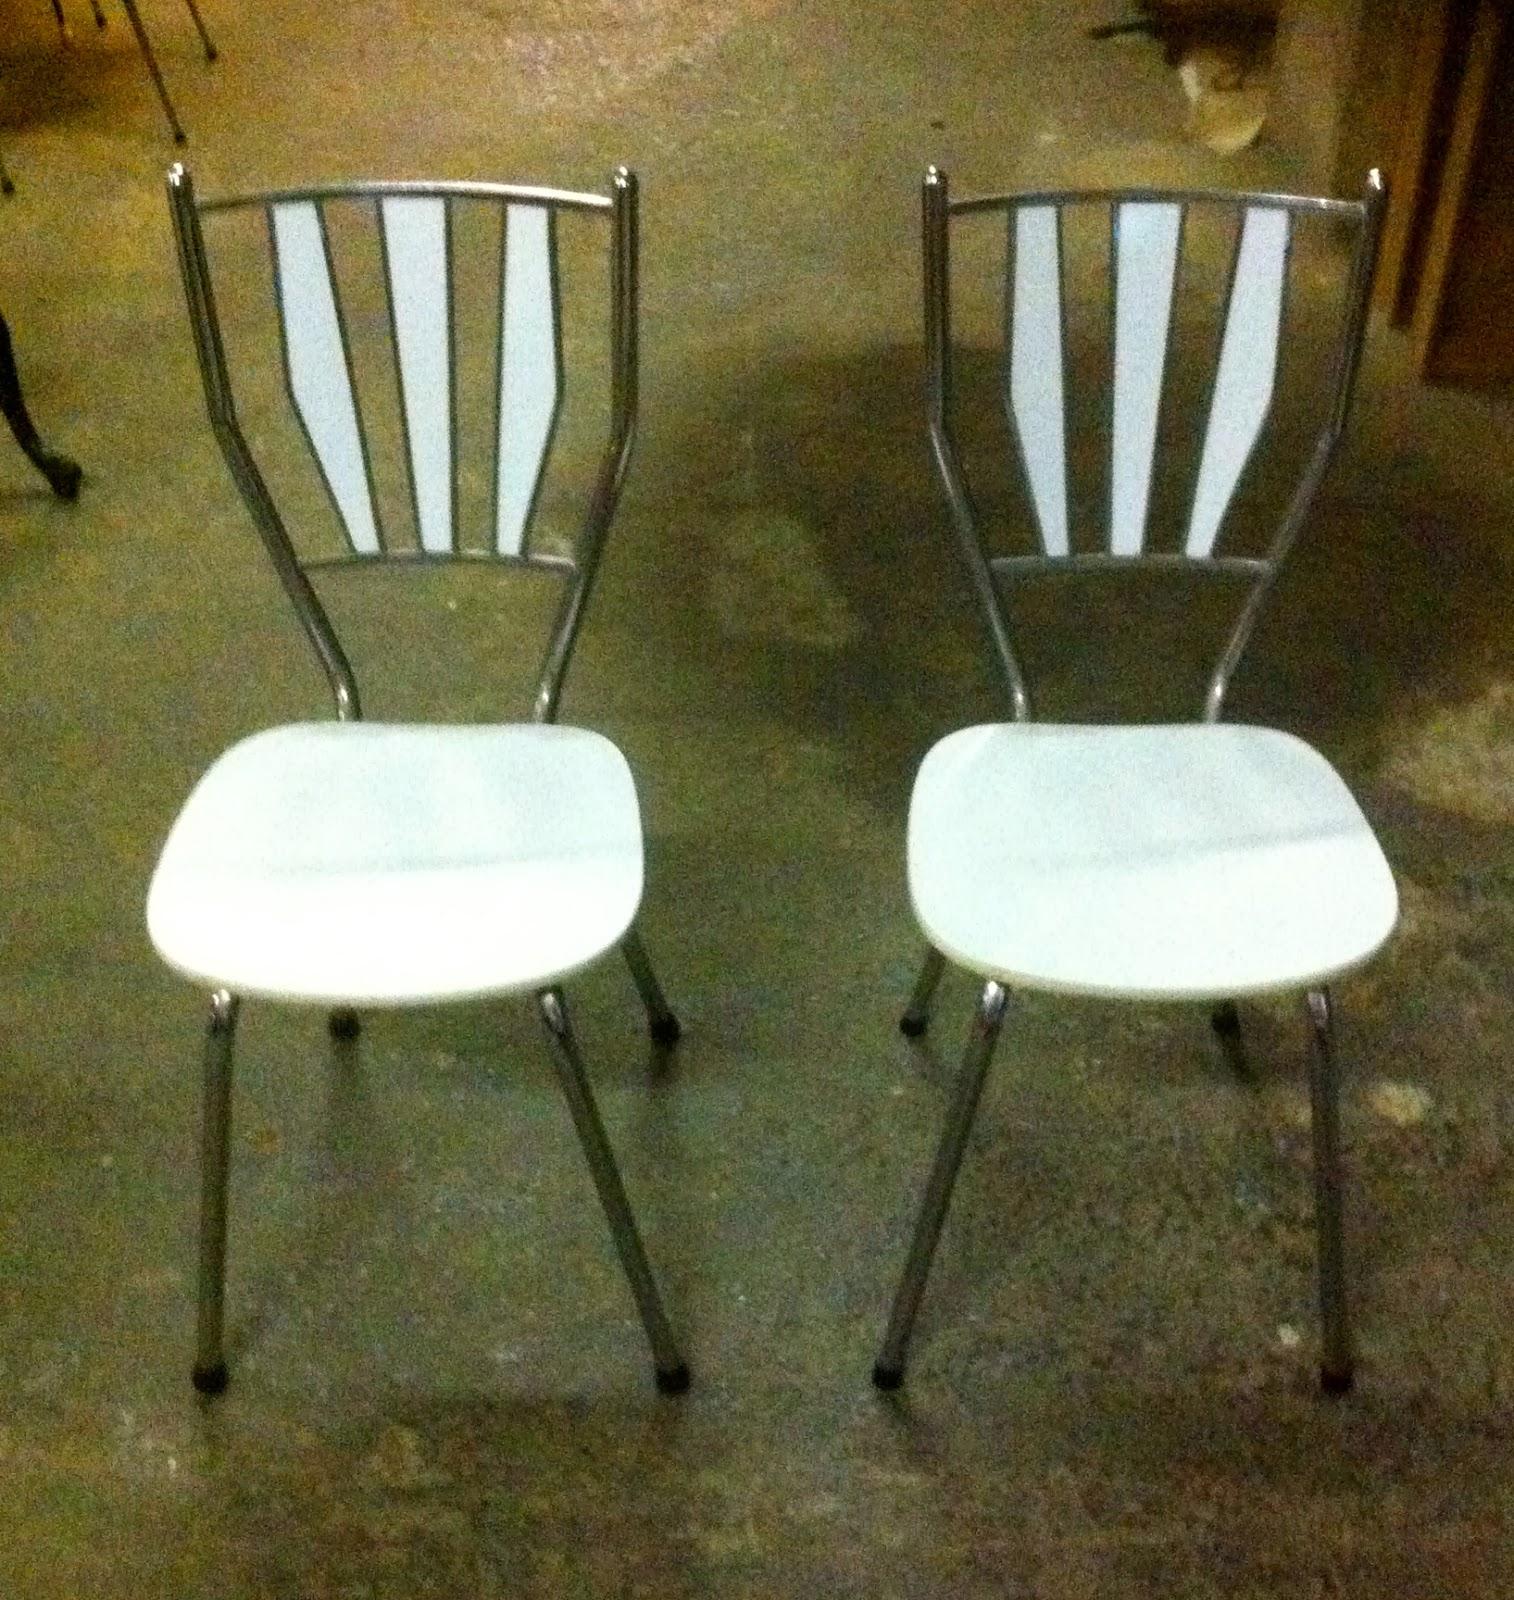 Encantsvintage pareja sillas cocina f rmica blanca - Sillas formica ...